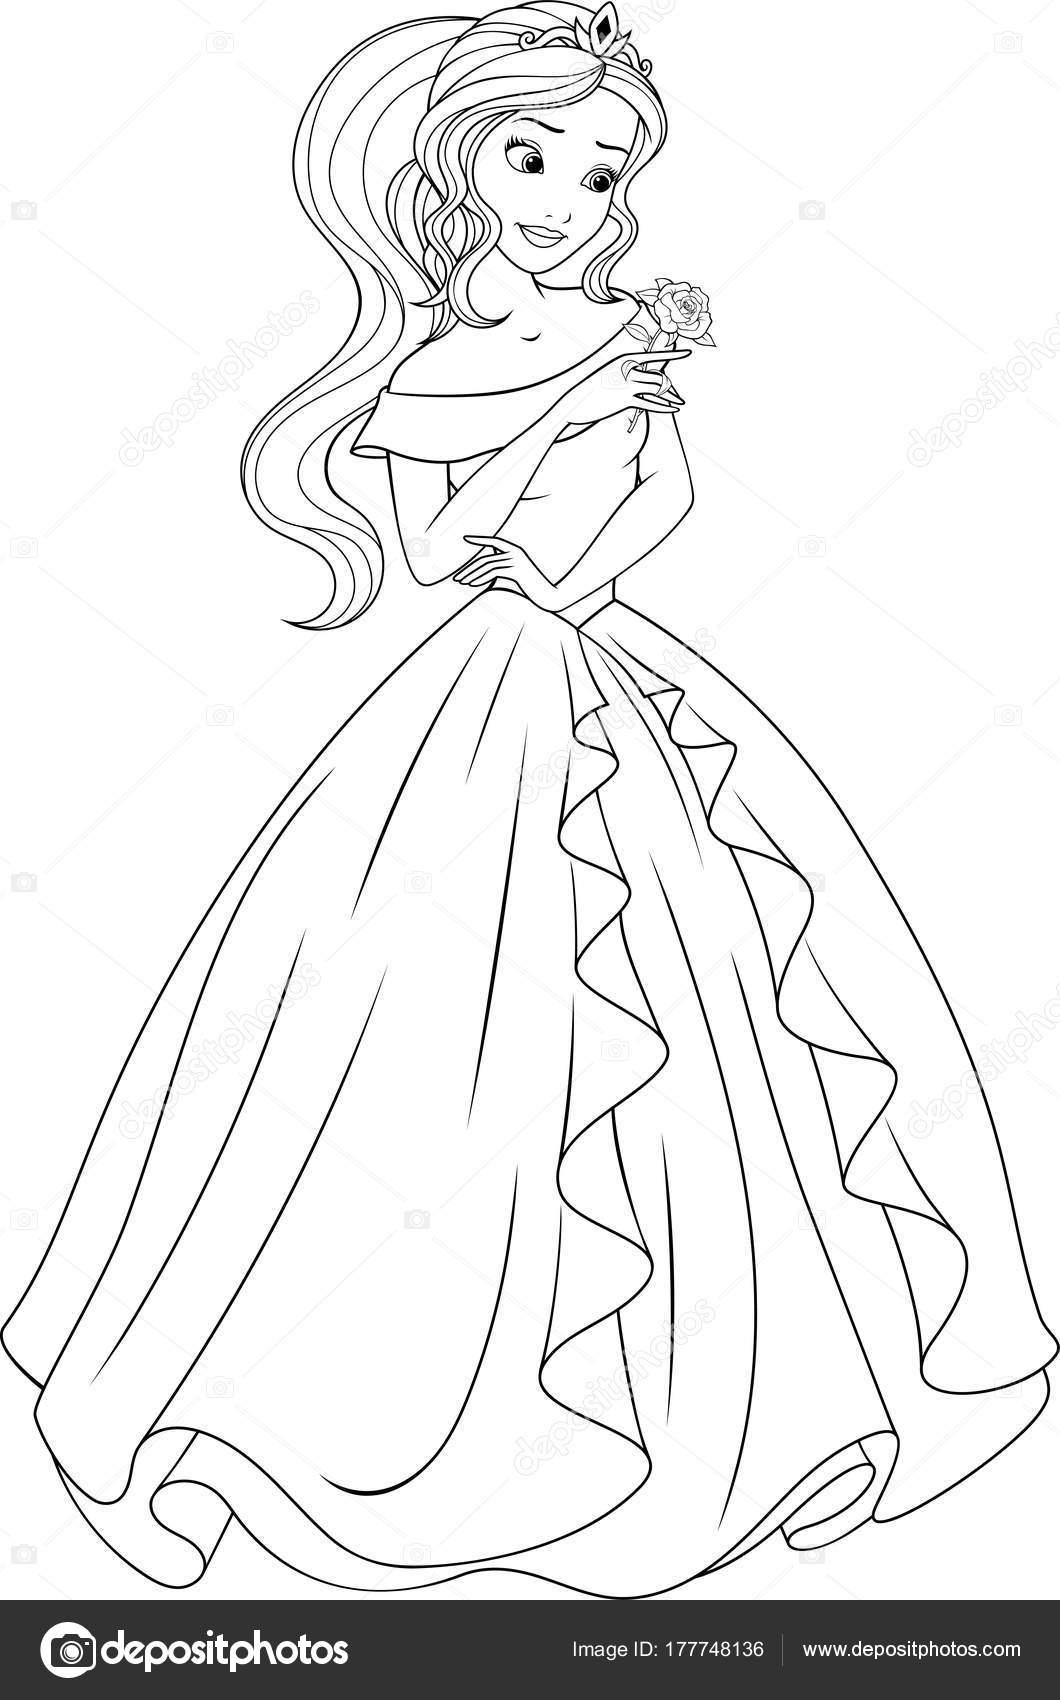 Kleurplaten Van Prinses.De Mooie Prinses Kleurplaten Stockvector C Andrey Makurin 177748136